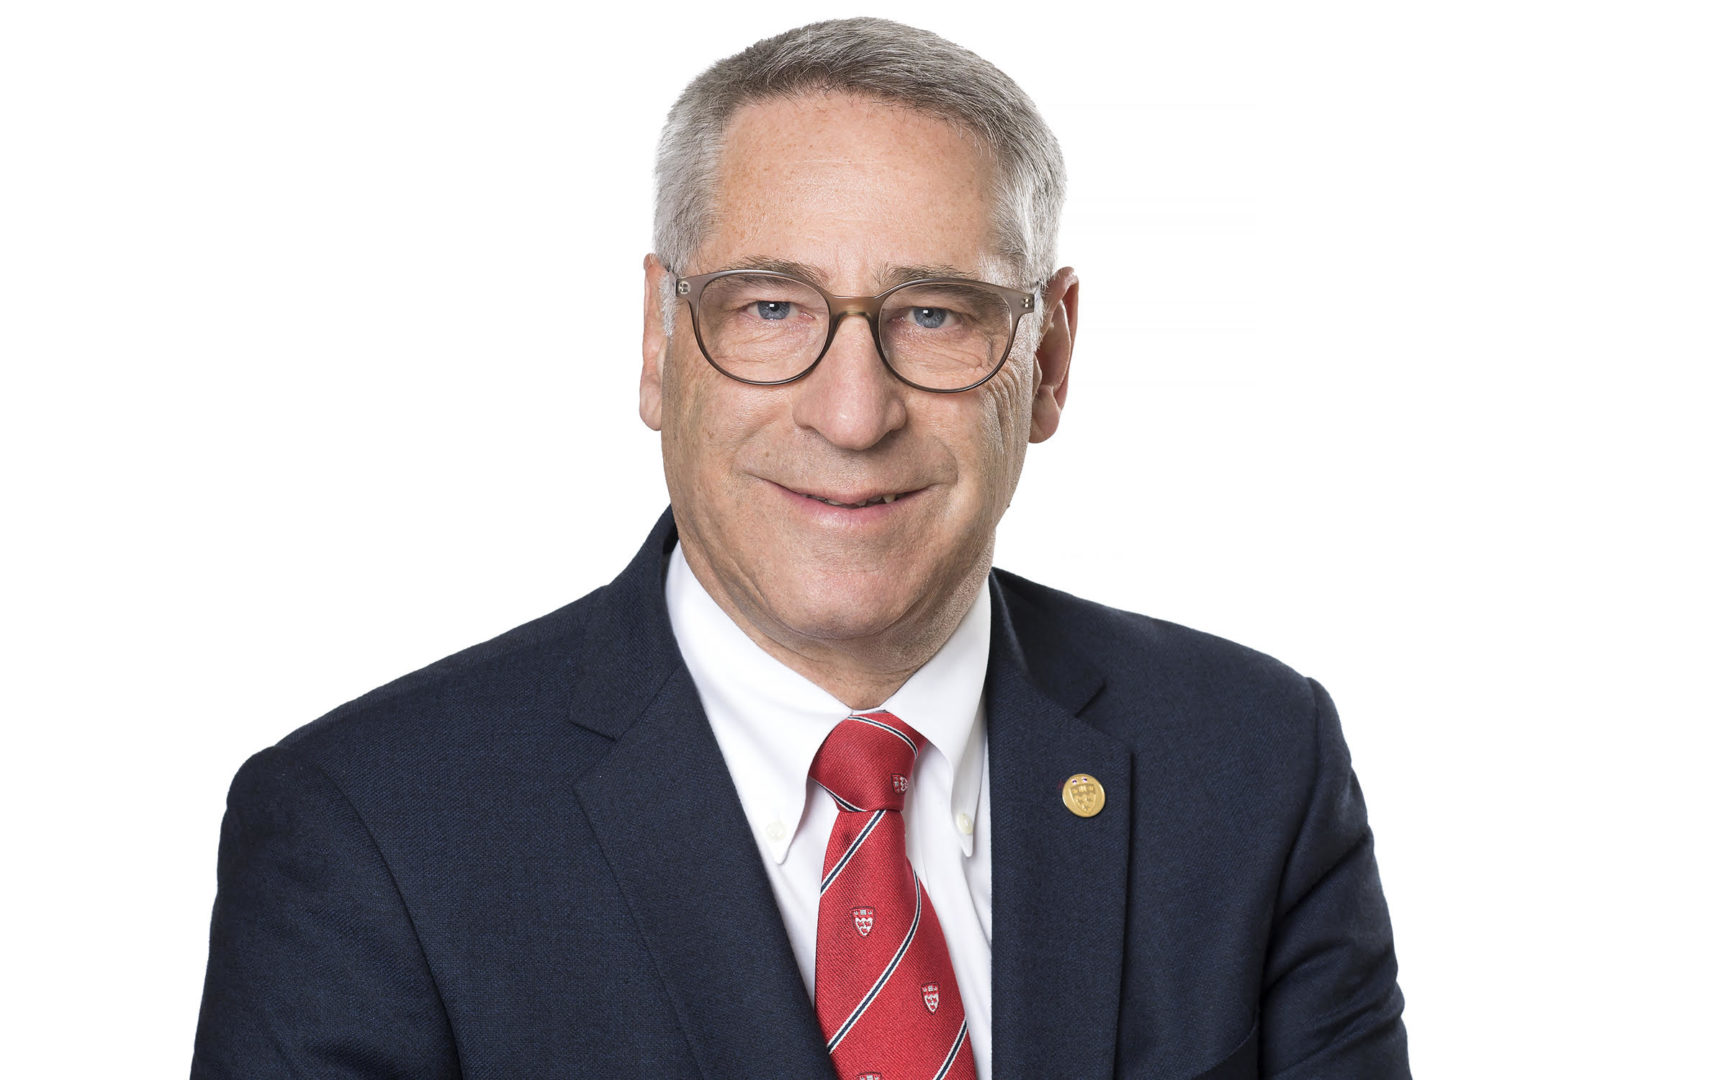 Dr. Gerald Fried